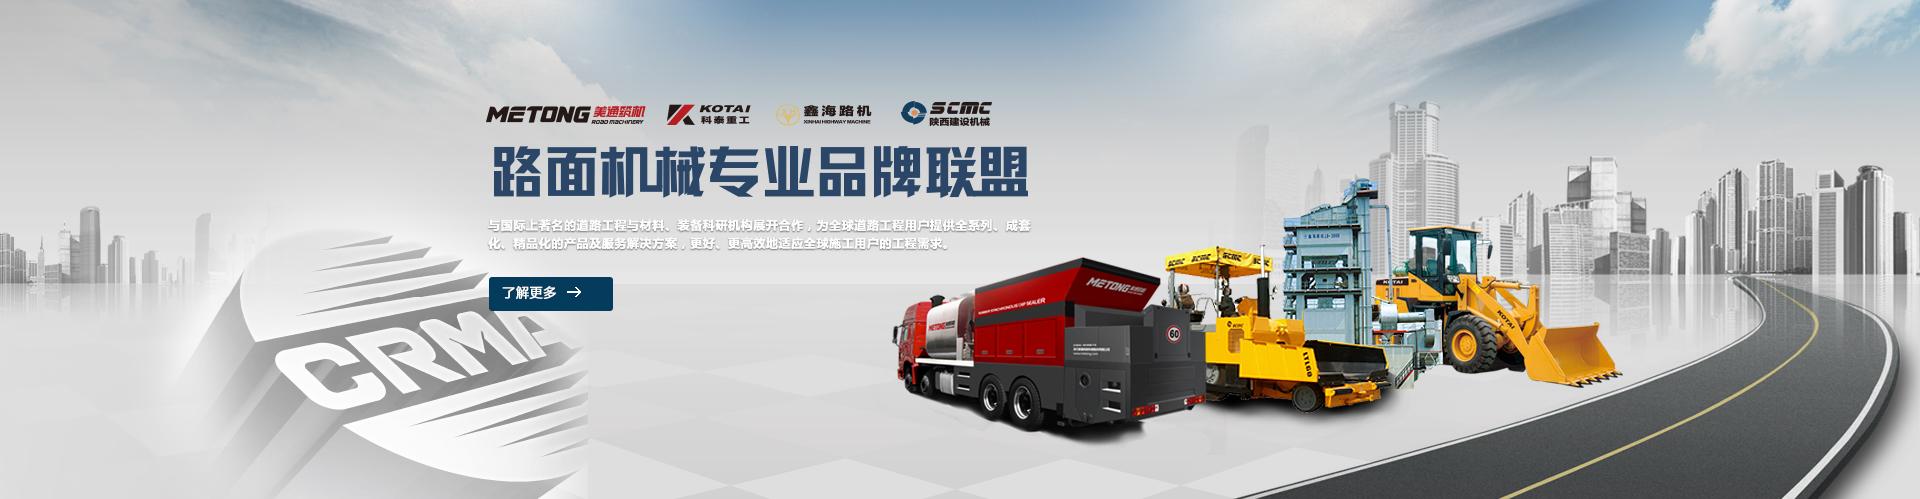 中国路面机械专业品牌联盟